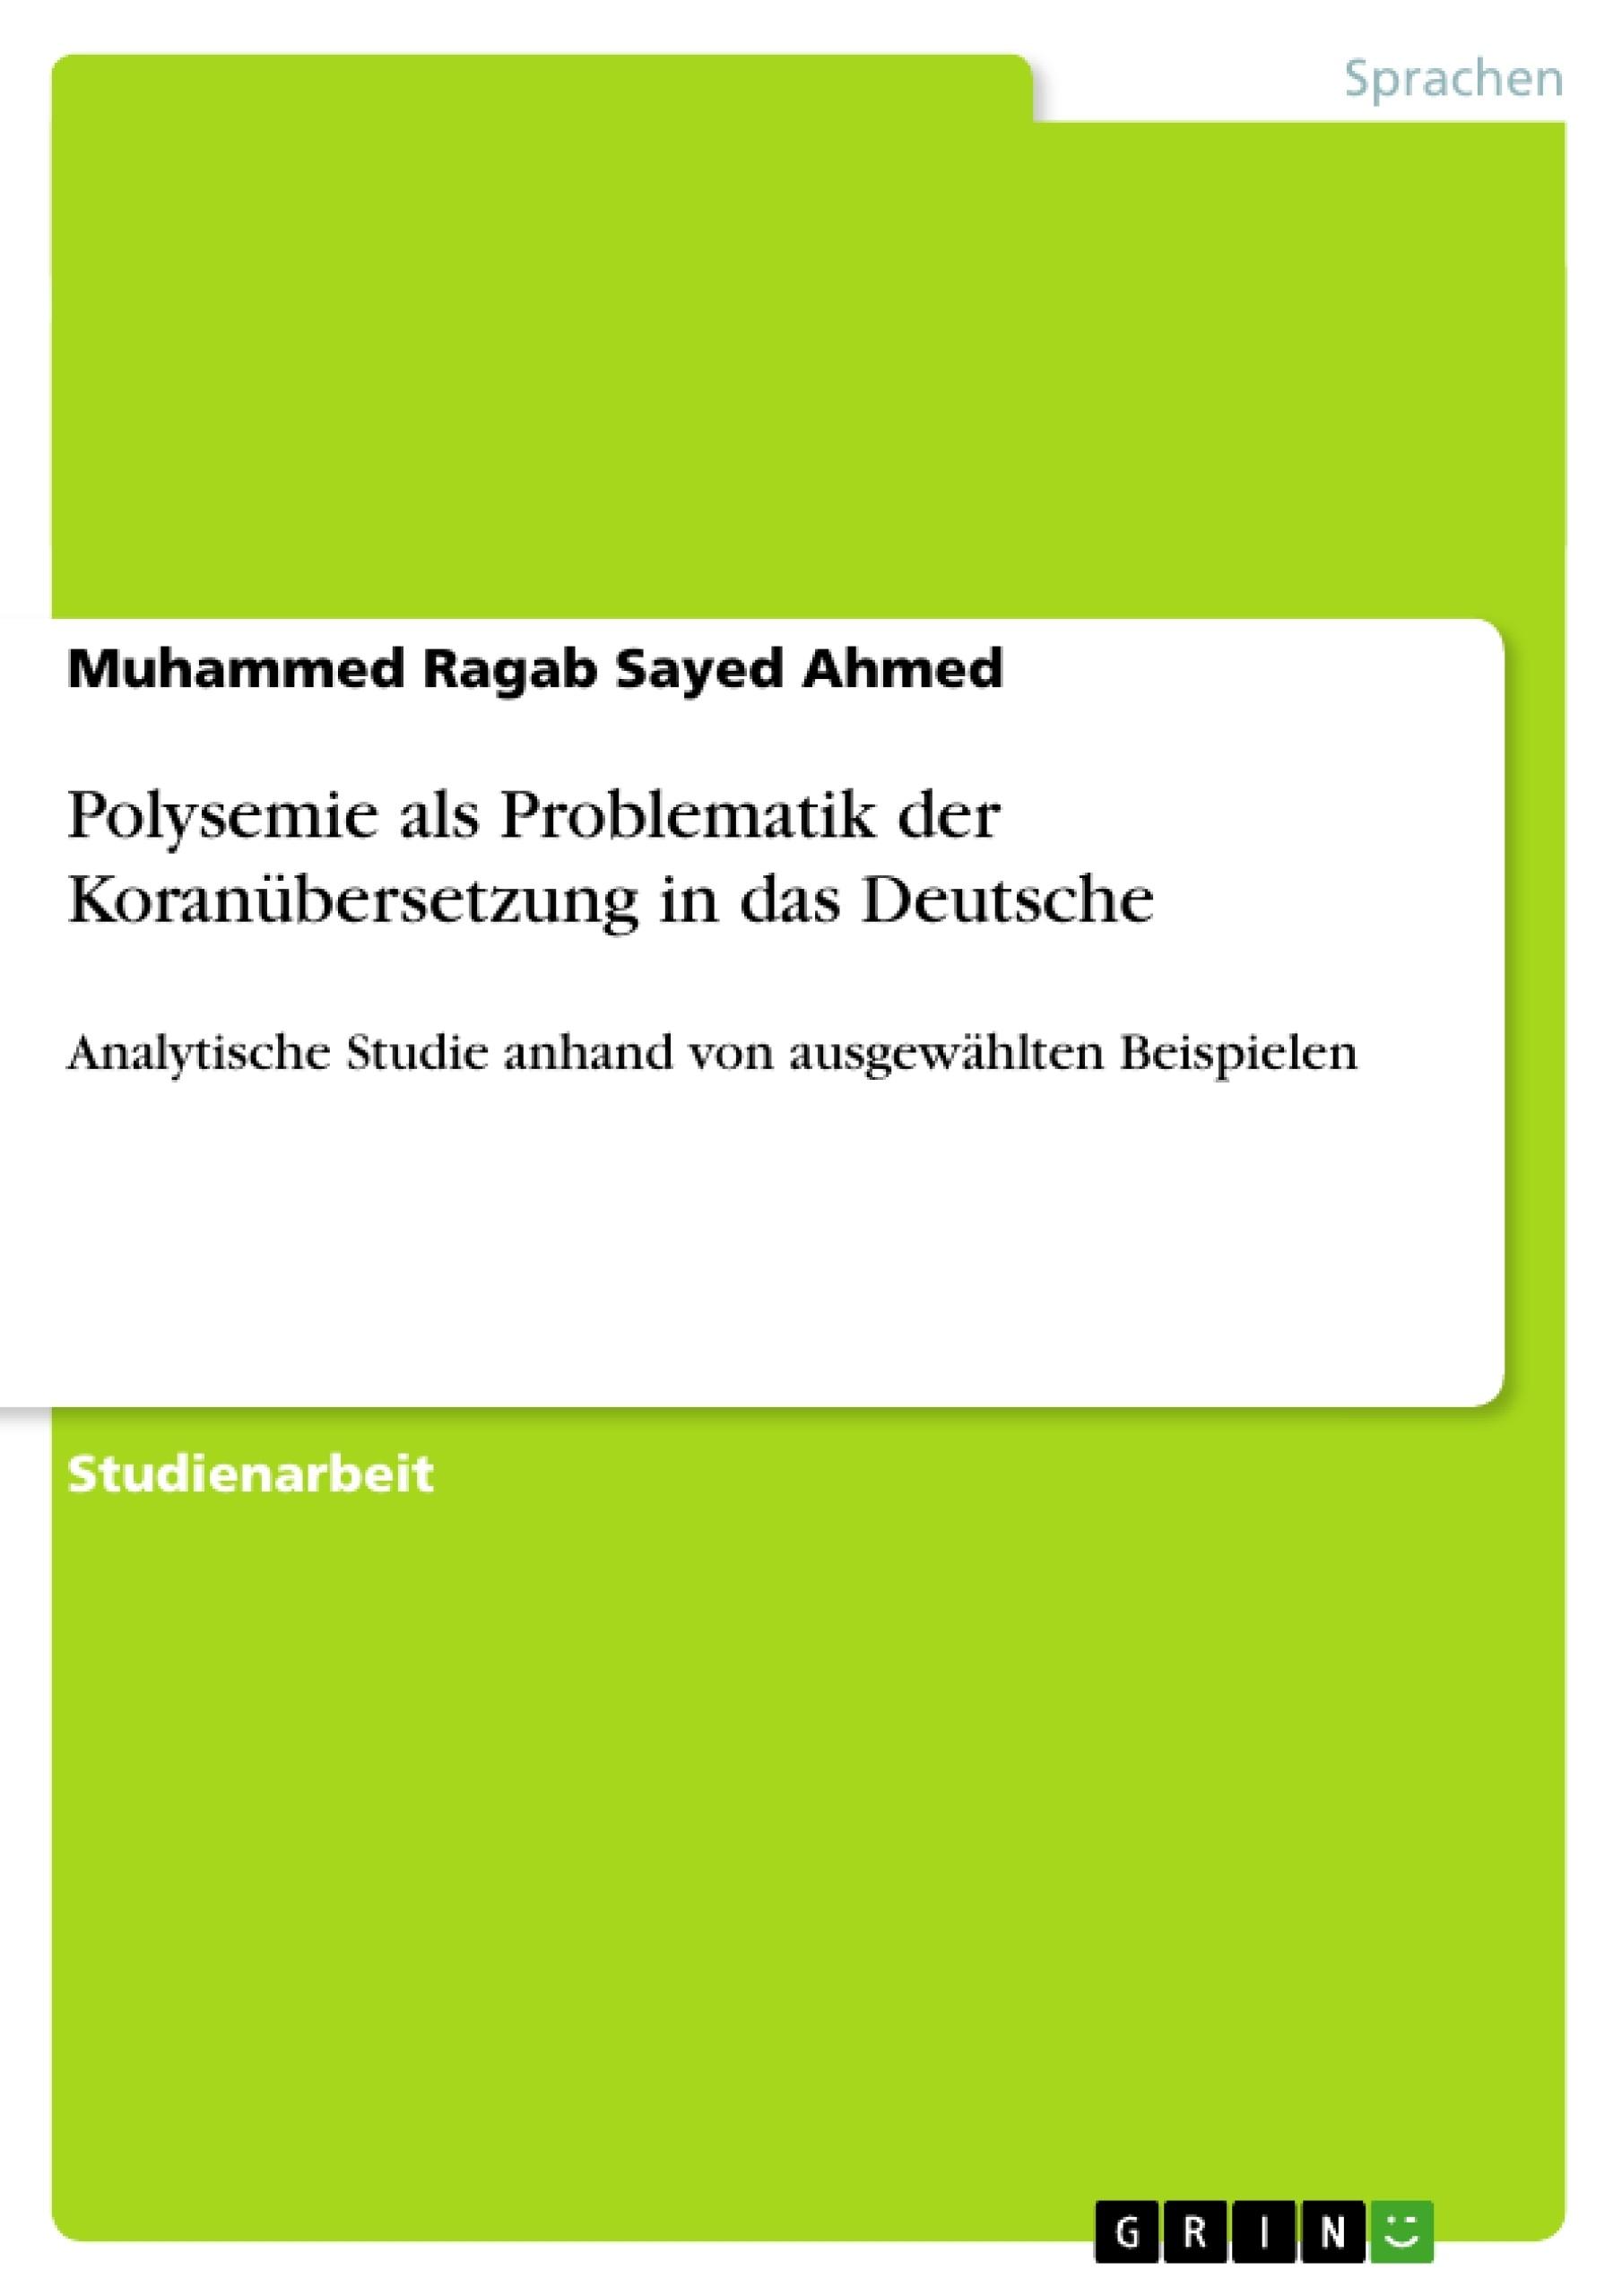 Titel: Polysemie als Problematik der Koranübersetzung in das Deutsche